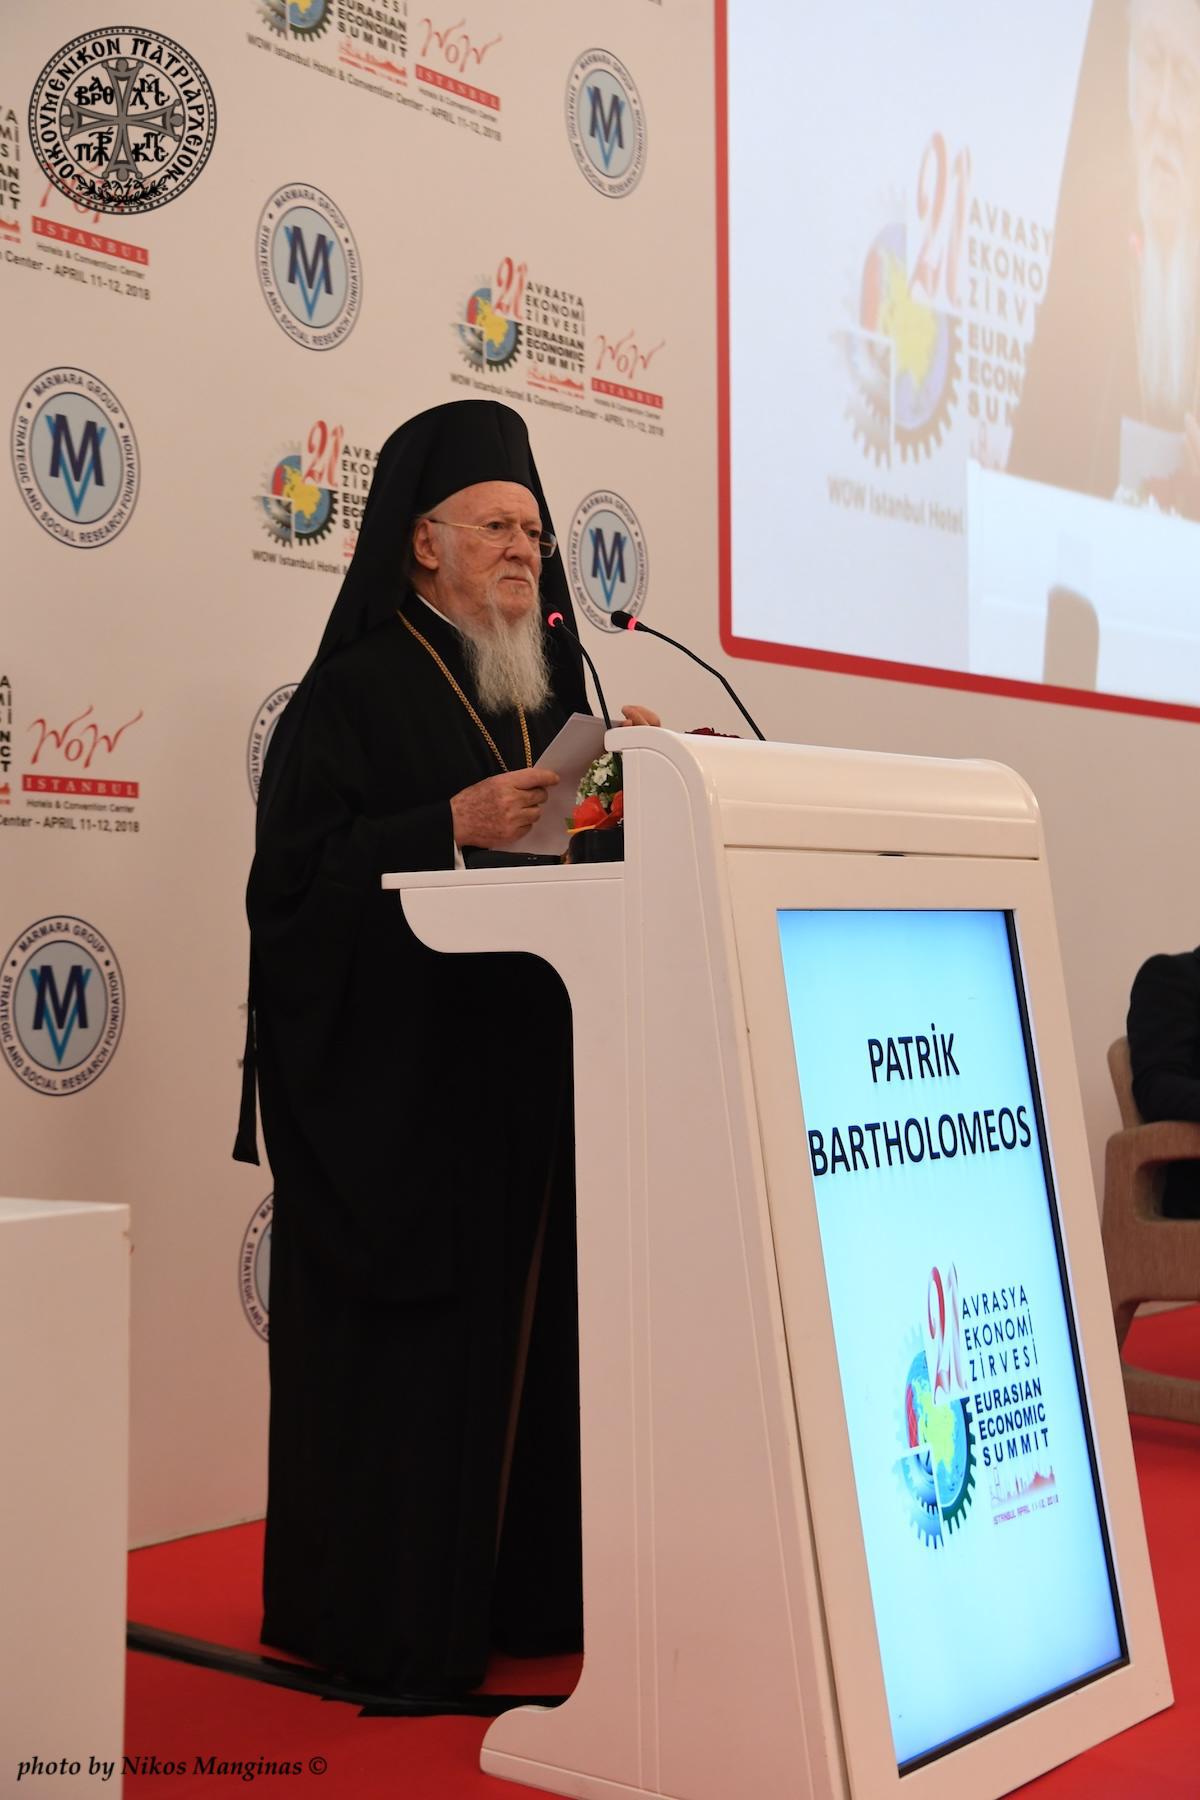 Ο  Οικουμενικός Πατριάρχης ομιλητής στην 21η Ευρασιατική Οικονομική Διάσκεψη FOTO